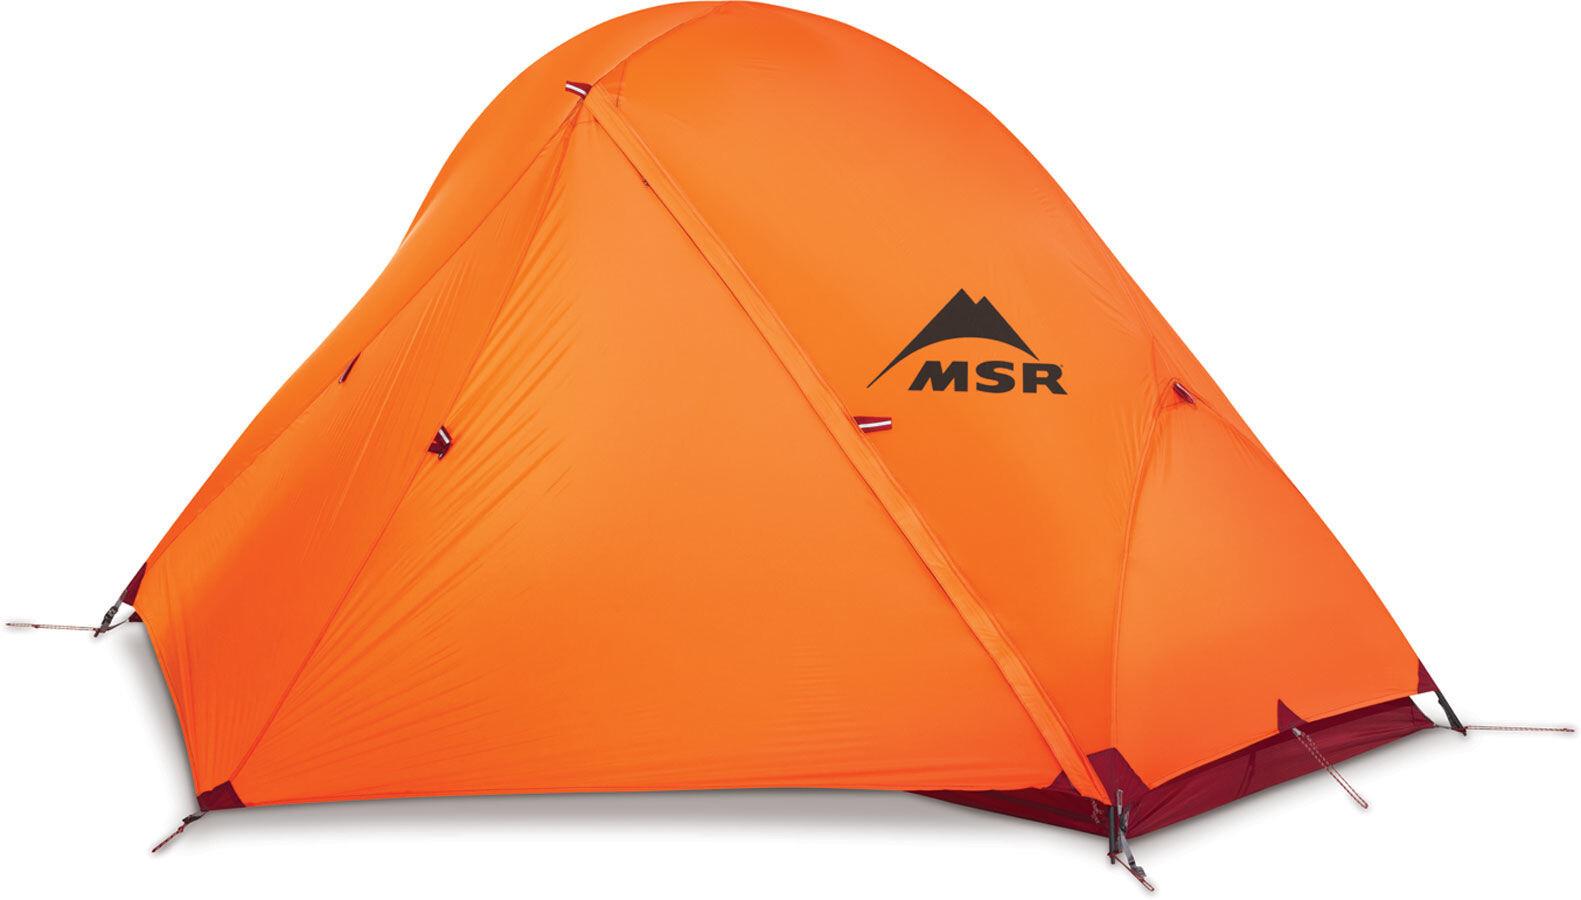 MSR Access 1 Telt, orange | Transport og opbevaring > Tilbehør